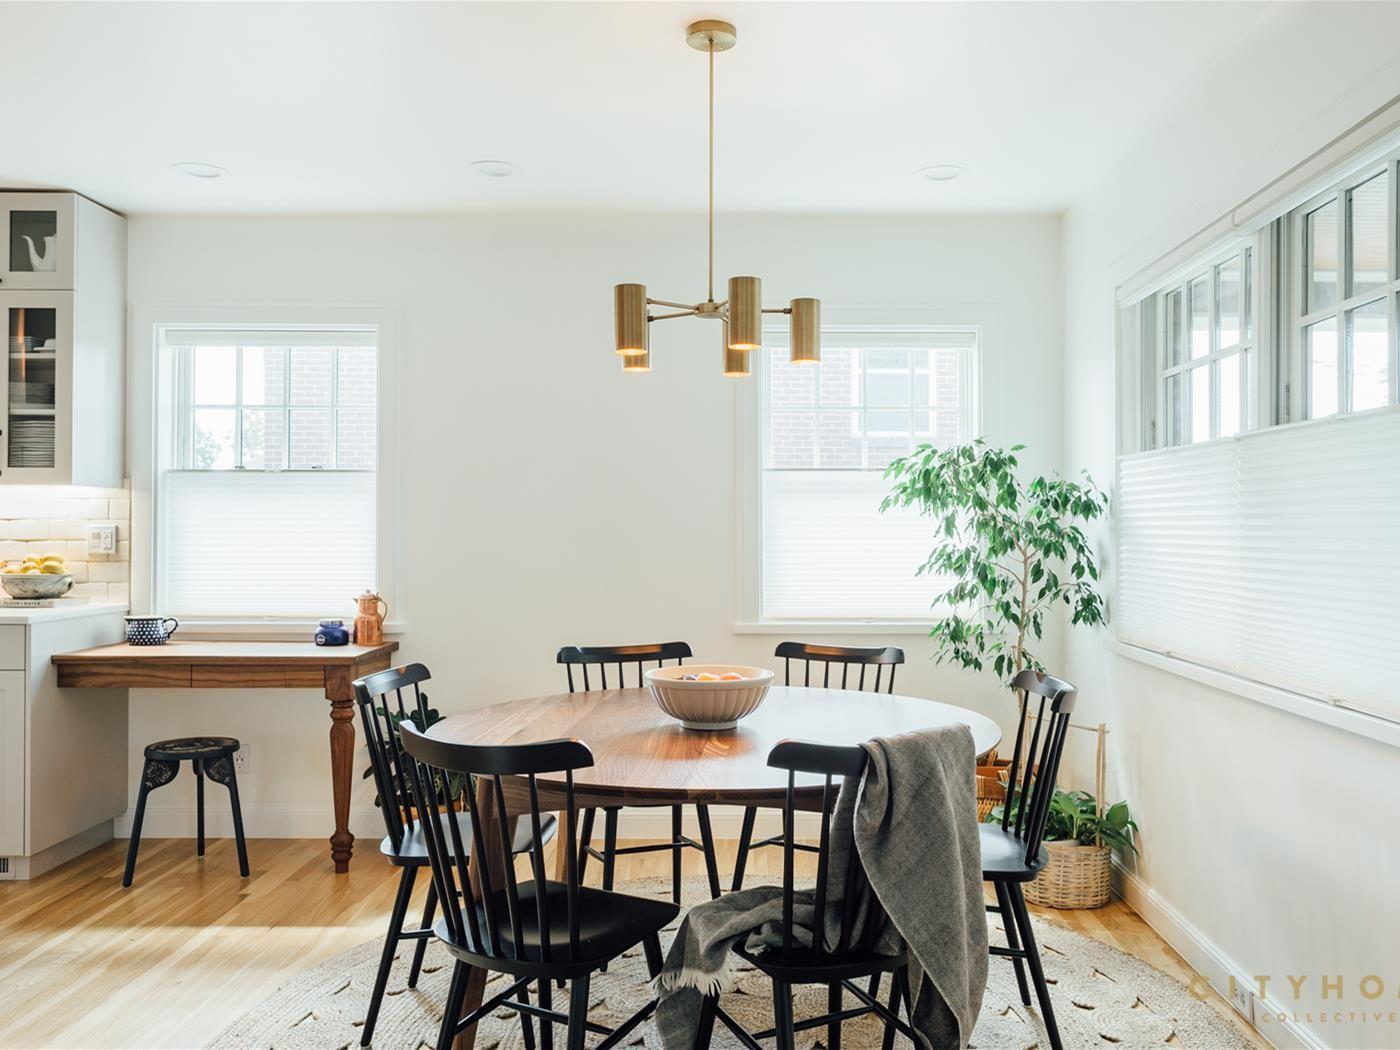 Best Light And Bright Modern Kitchen Cityhomedesign 640 x 480